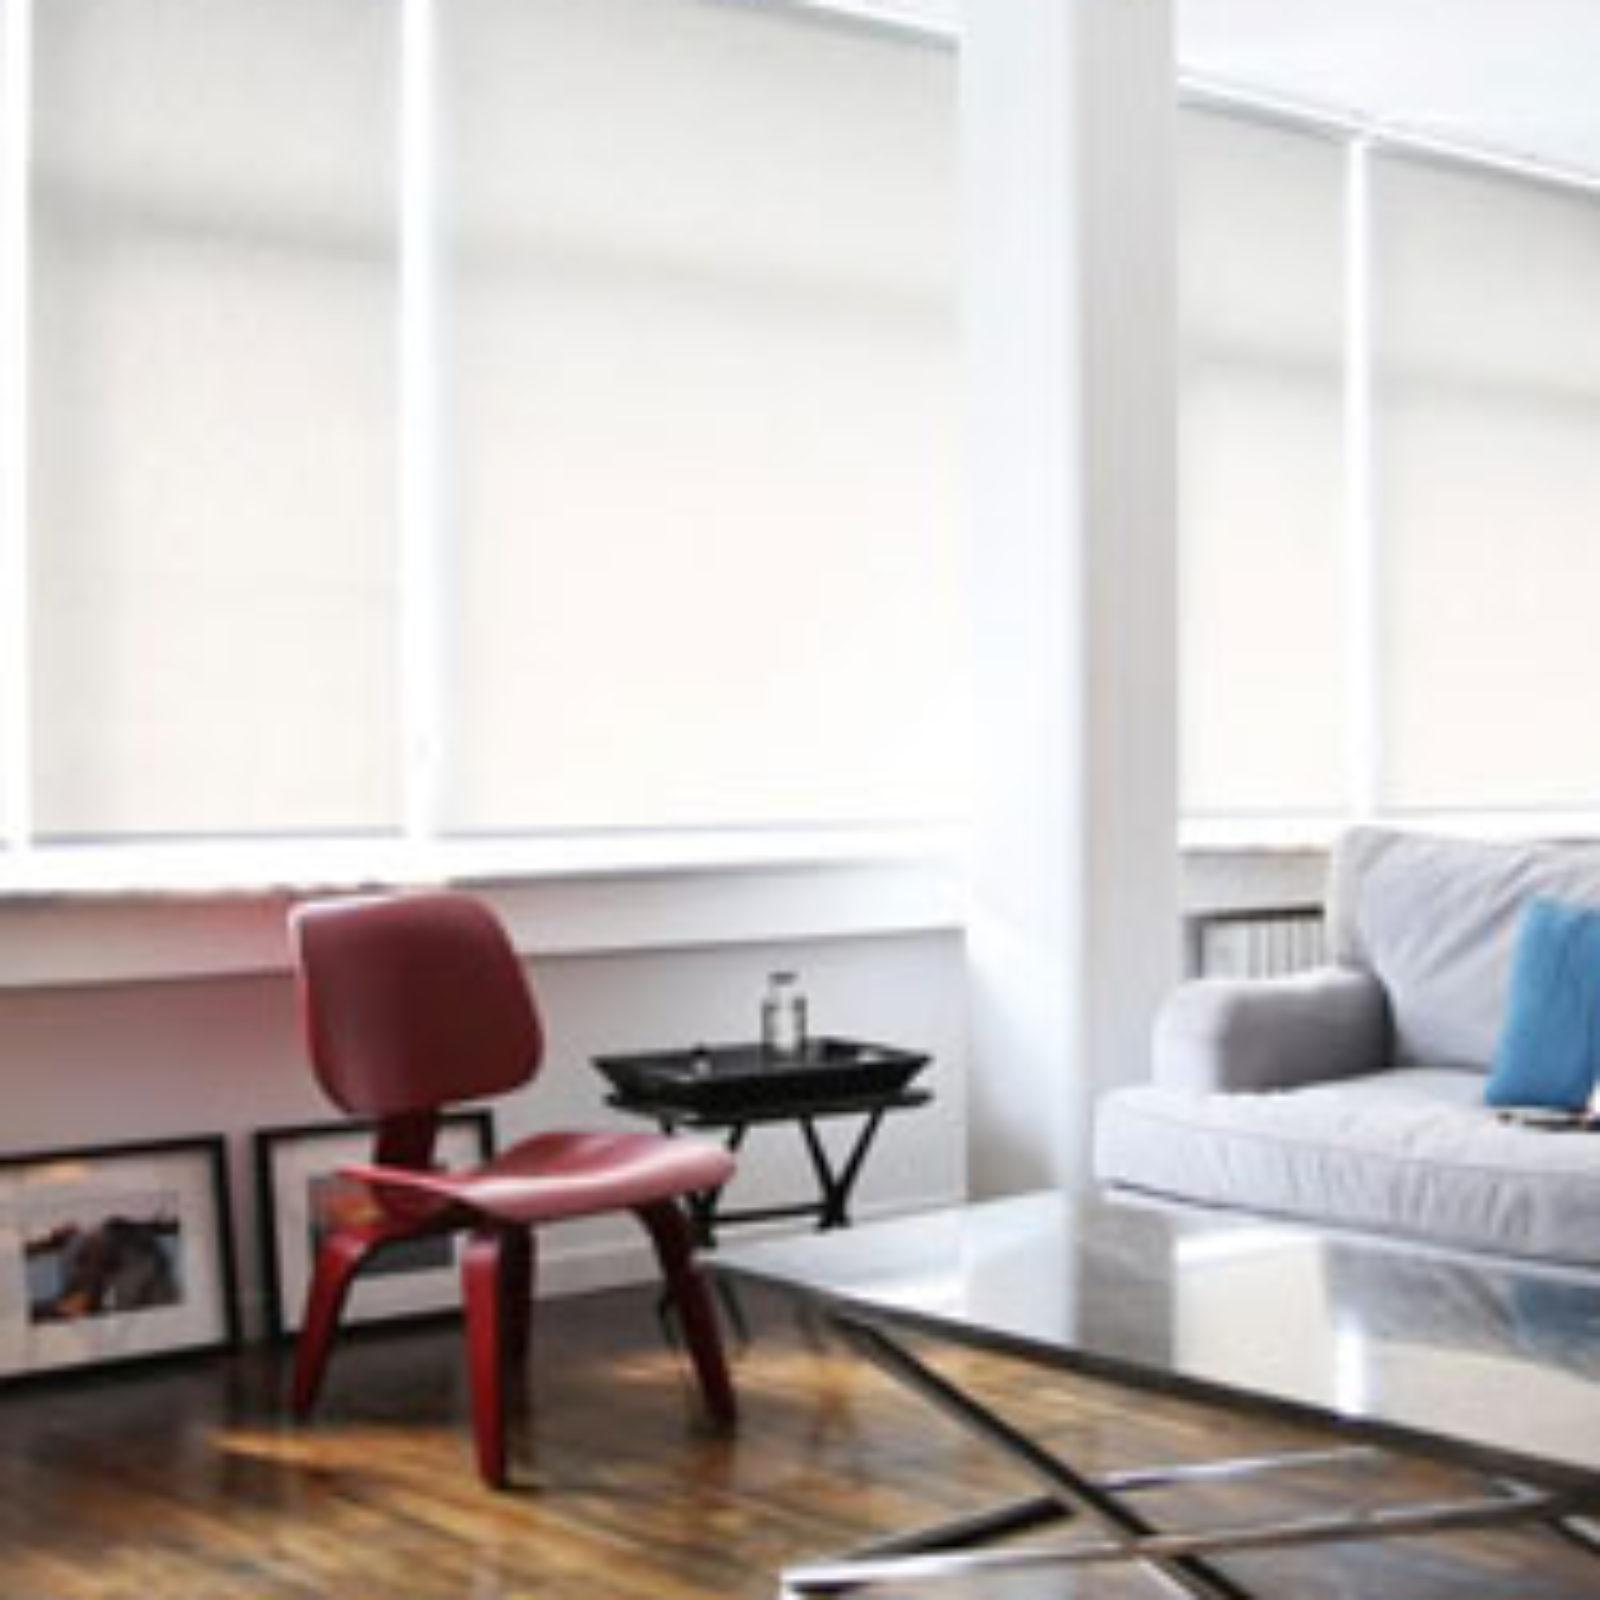 Mimarın Mekanı-Leyla Doğrular Simpson Evi-Dress your wall